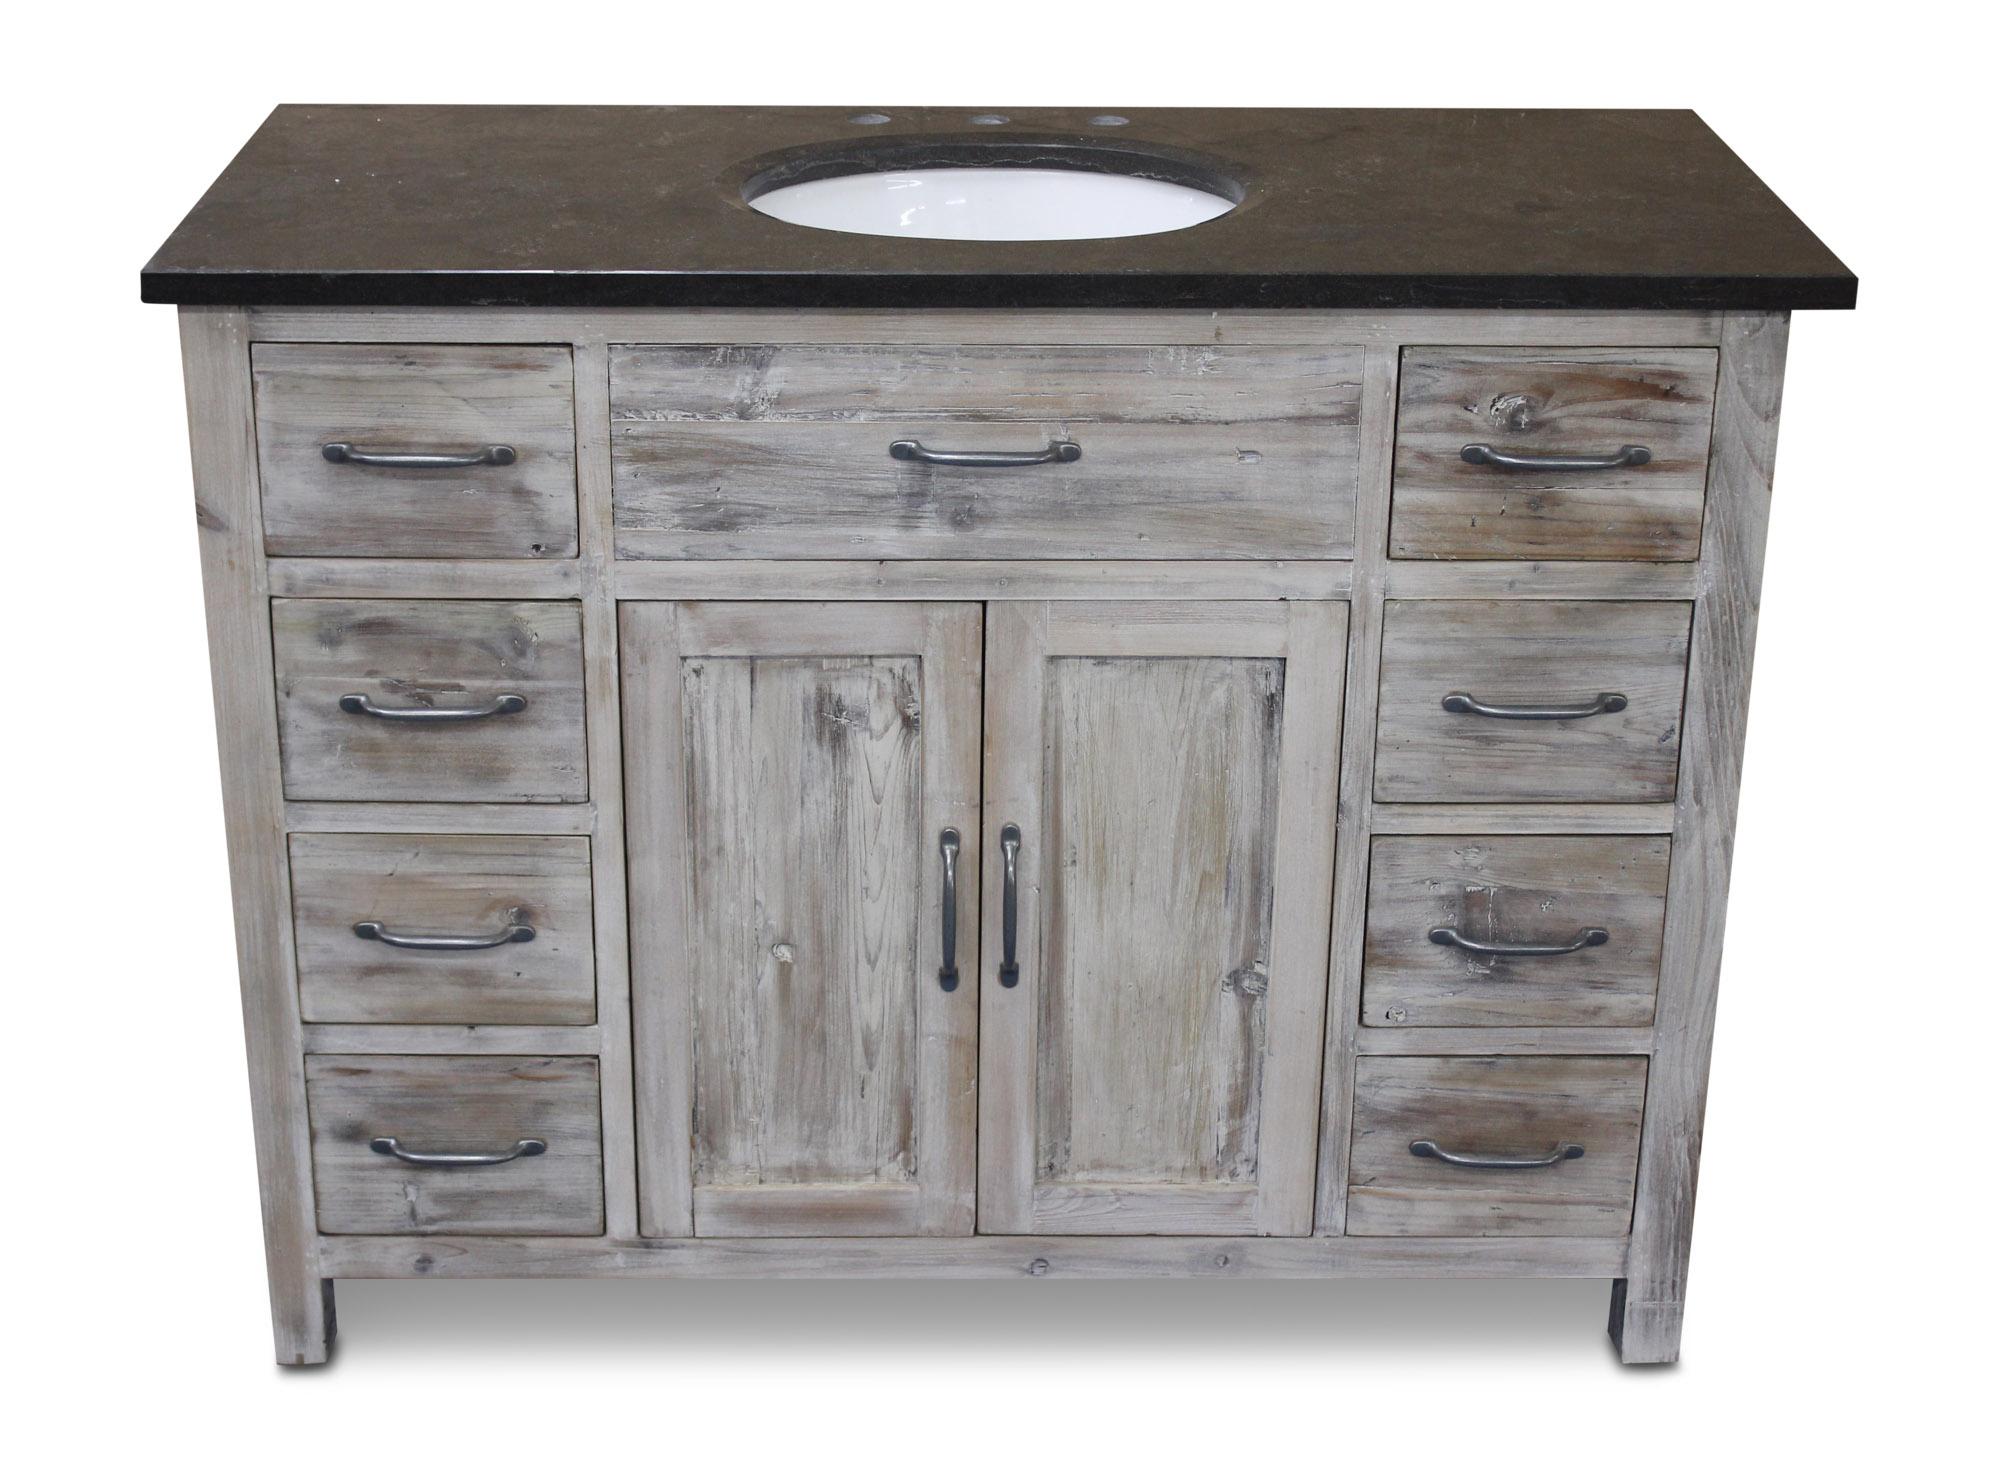 475 woodland bluestone white washed pine - Antique White Bathroom Vanity